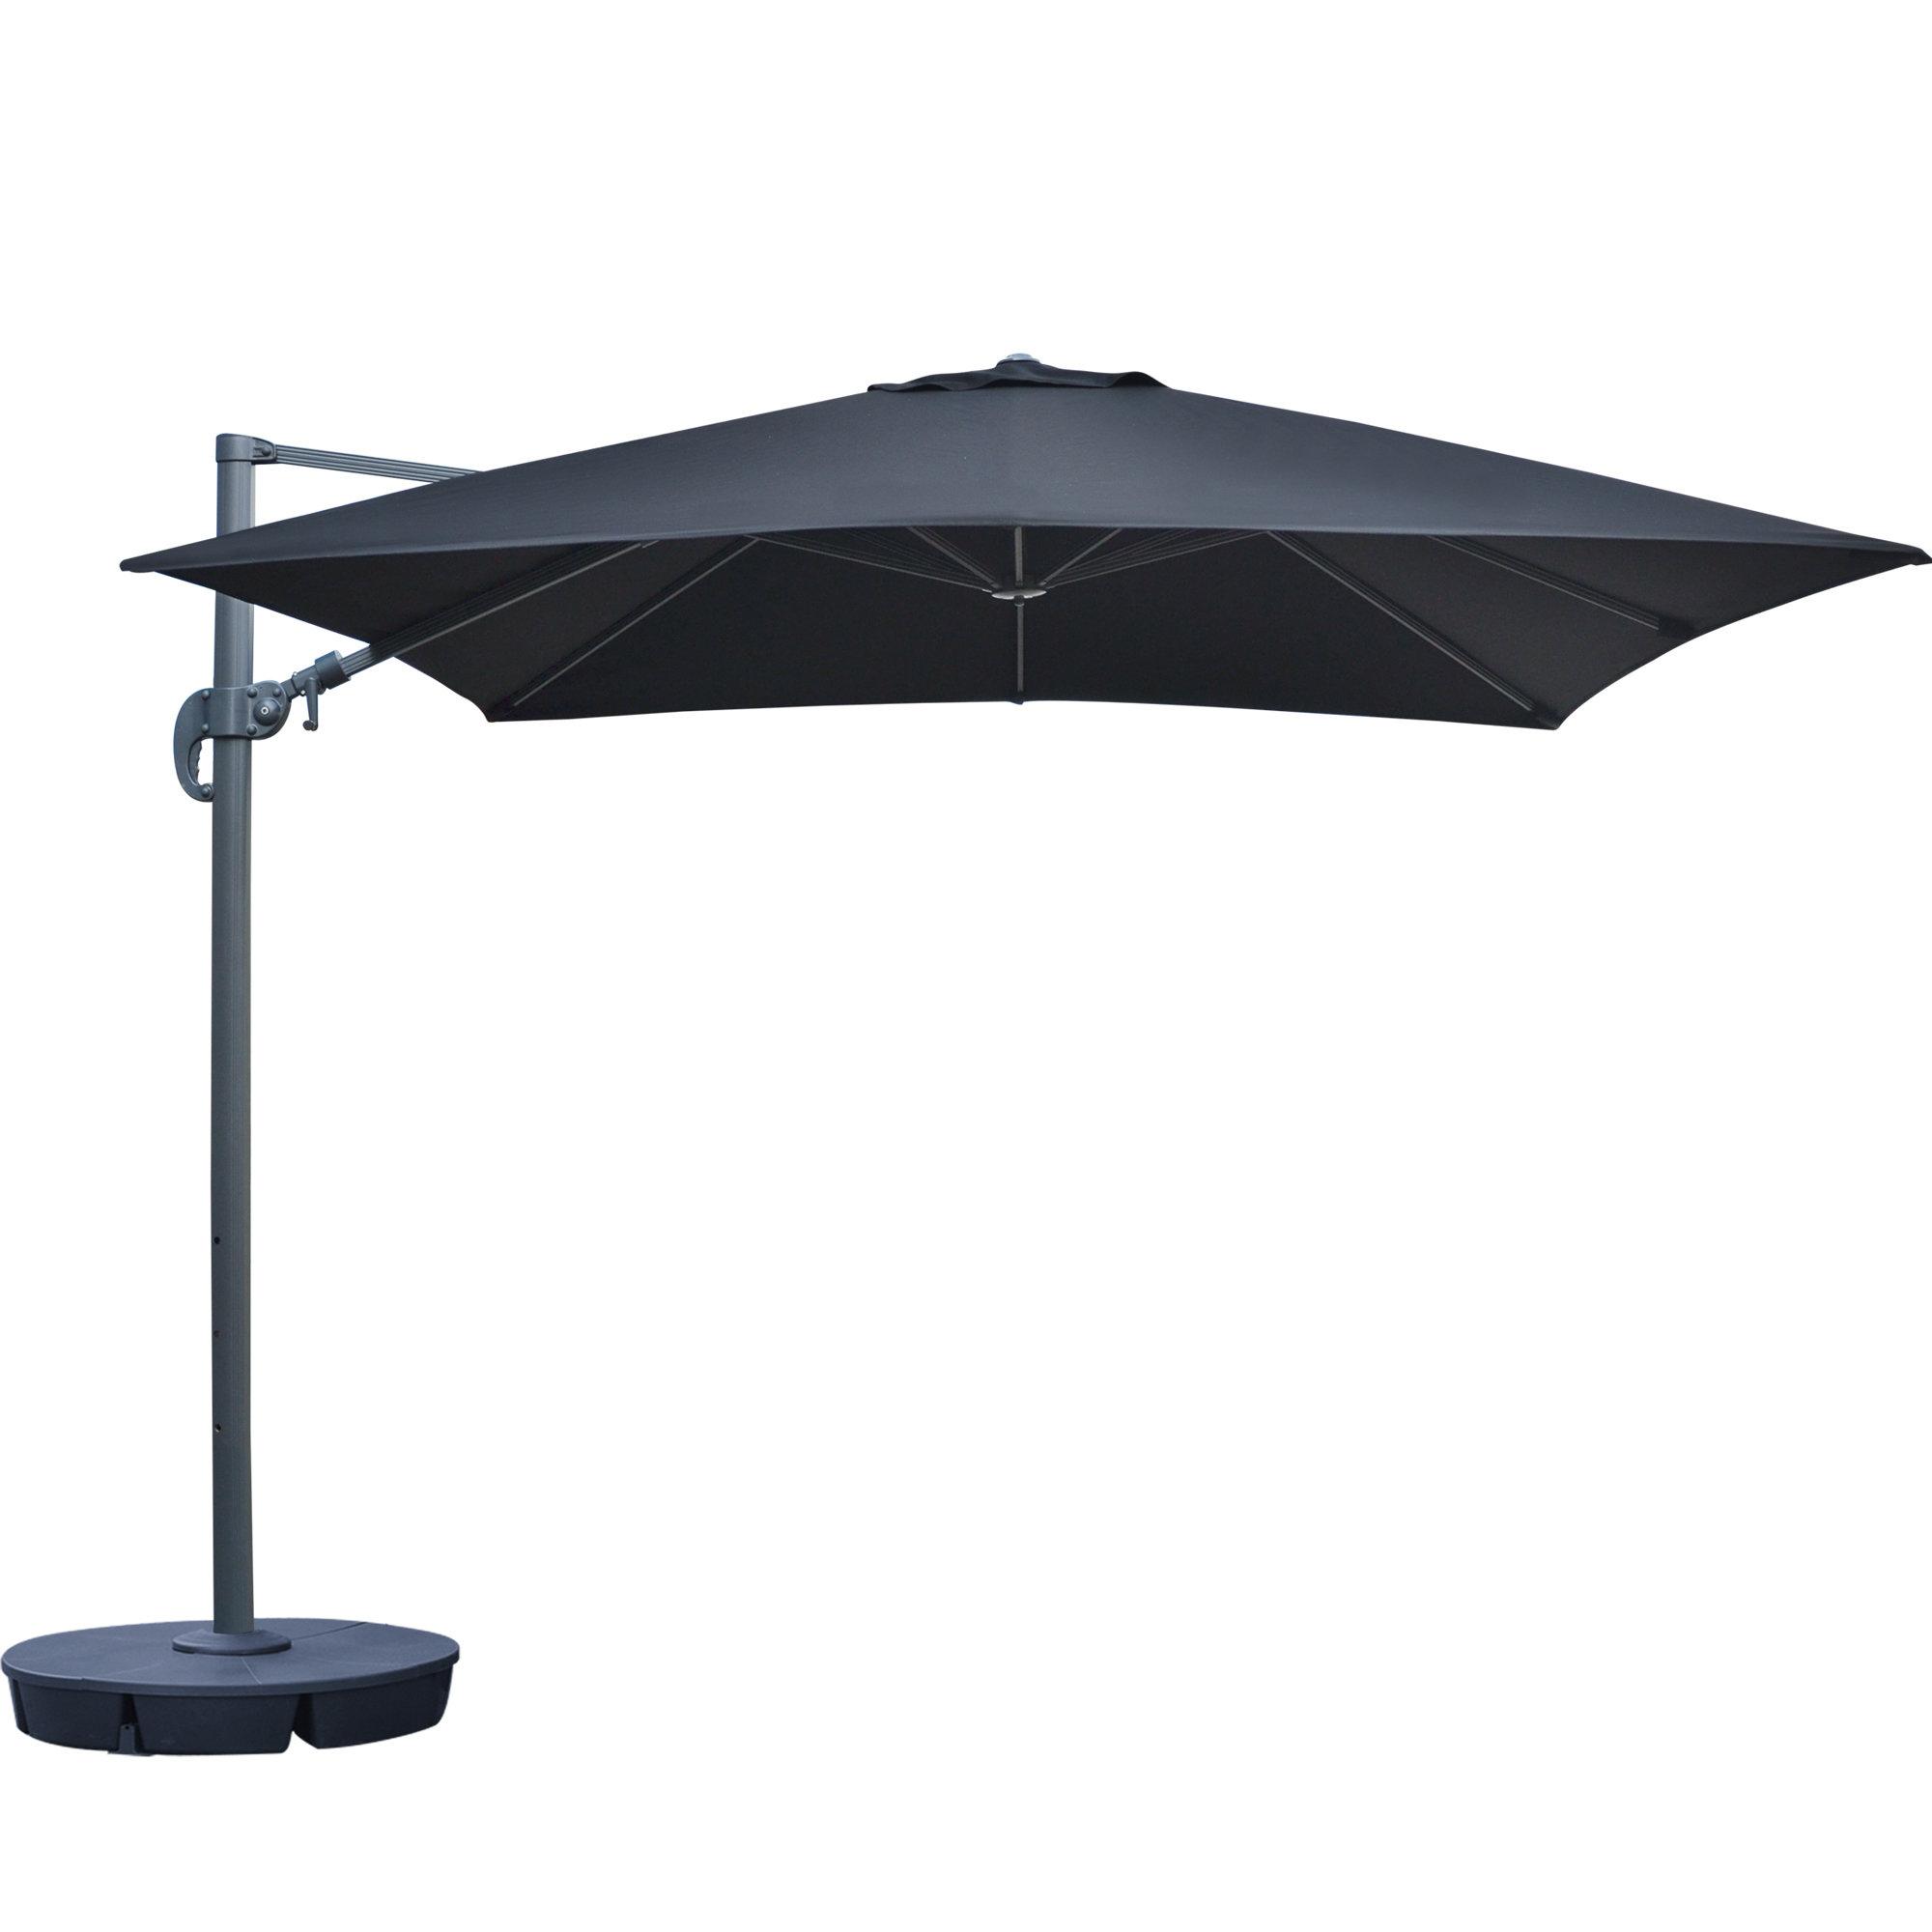 Emely Cantilever Umbrellas With Regard To Current Emely 10' Cantilever Sunbrella Umbrella (View 10 of 20)